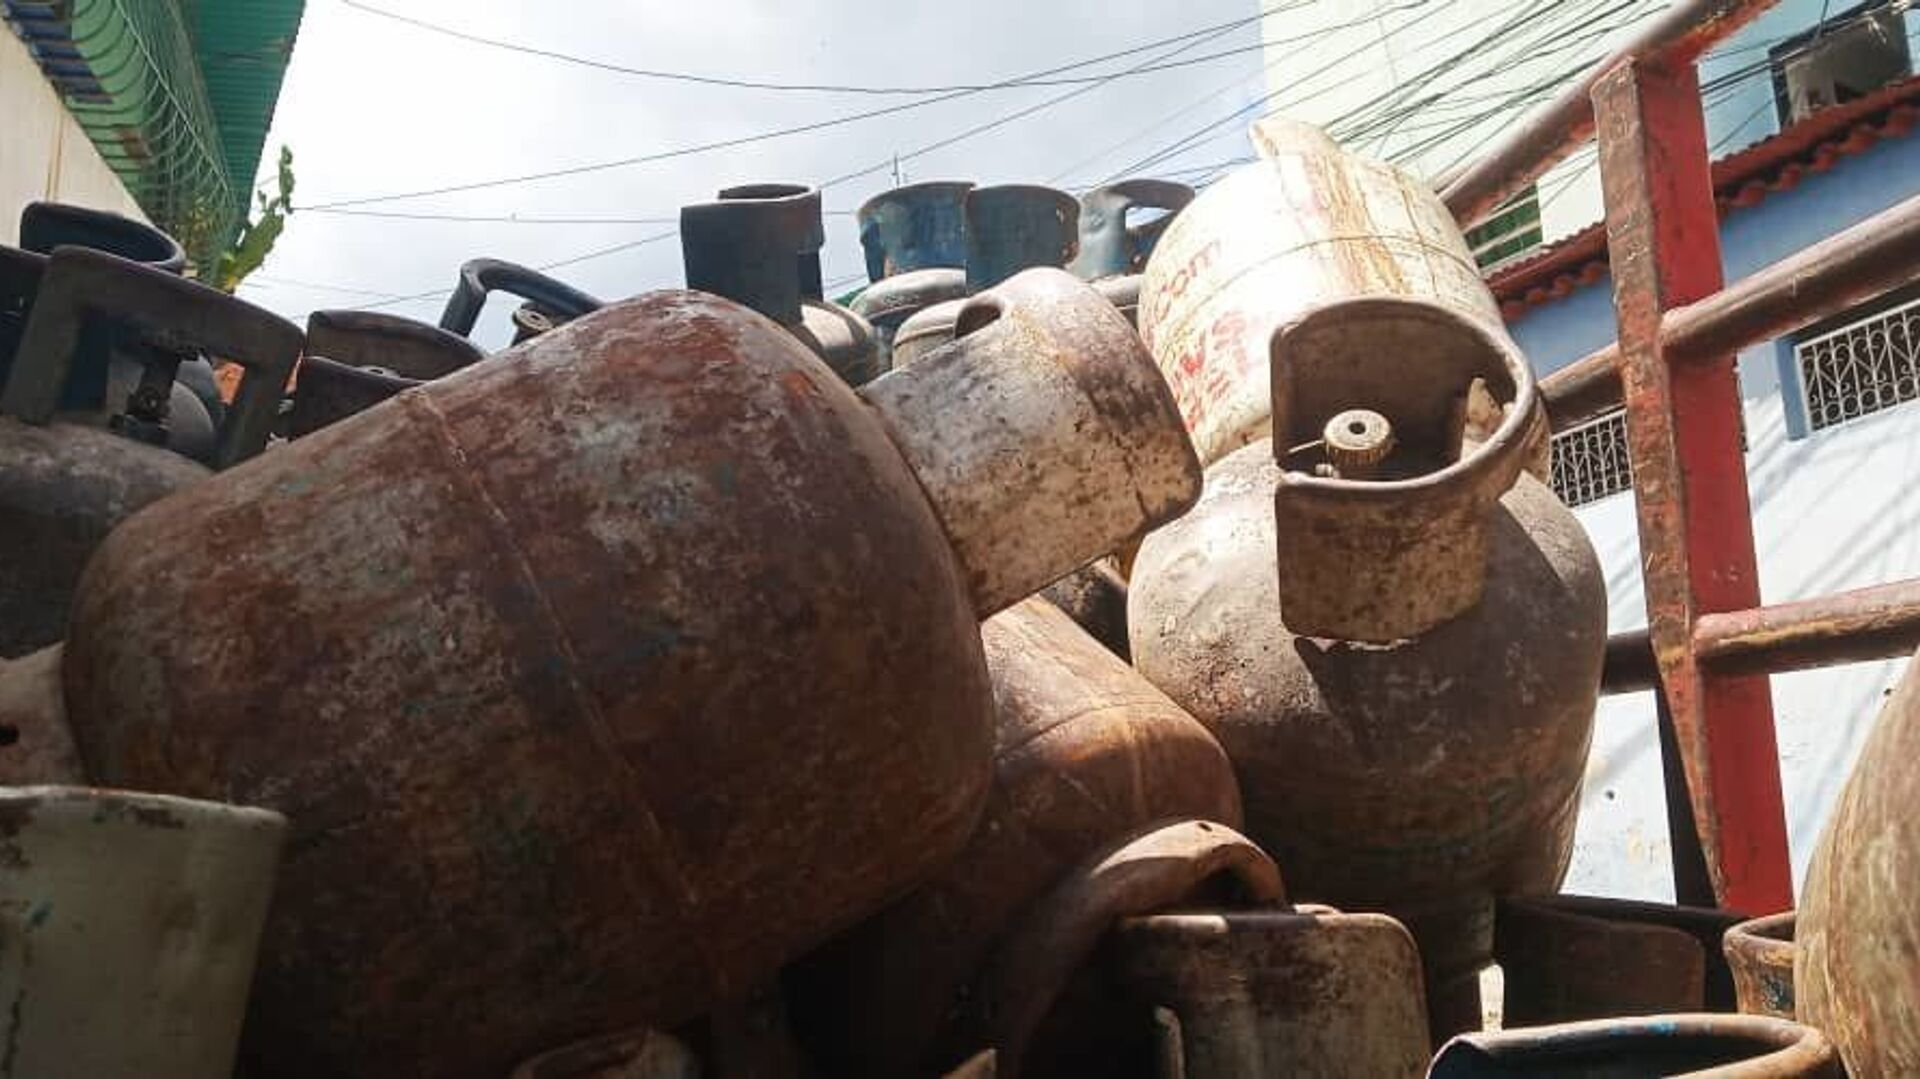 Bombonas vacías dentro del camión de la empresa de propiedad social directa comunal gas de Antímano, Caracas, Venezuela - Sputnik Mundo, 1920, 11.06.2021